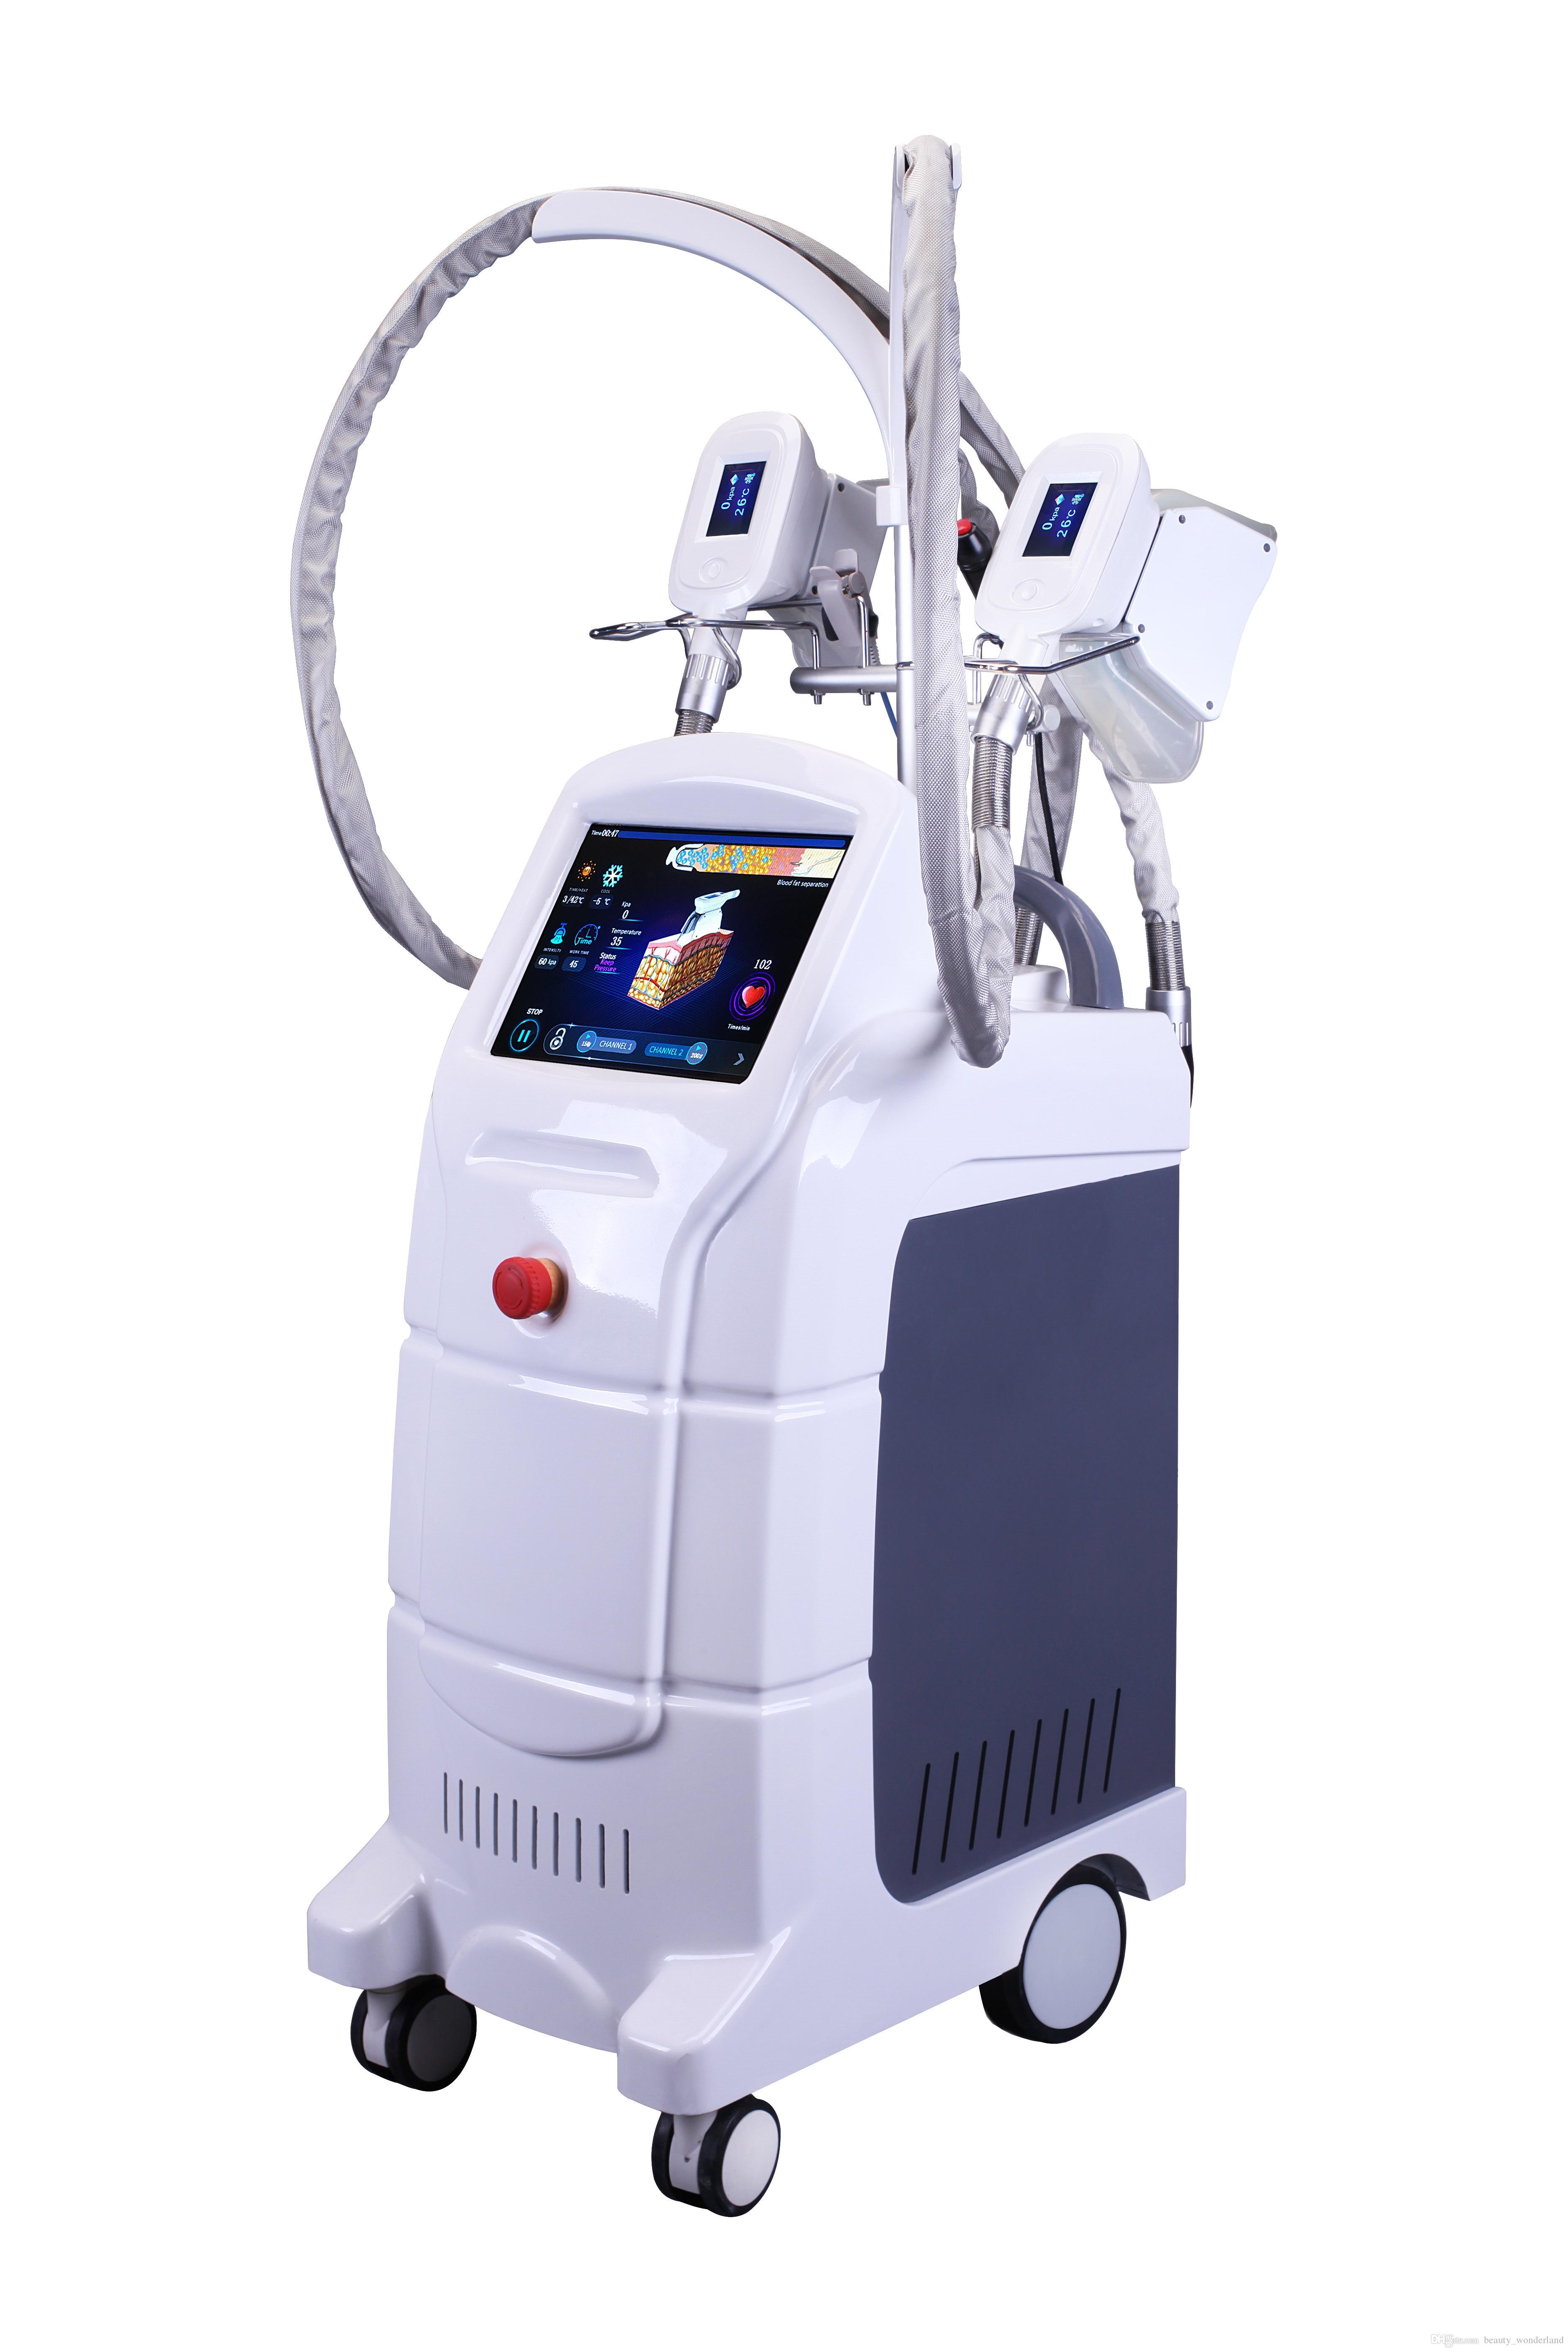 Serin zayıflama freezefats 4 cryolipolysis makine yağ donma kryolipolyse kolları zayıflama cryo lipolysis yağ donma makinesi